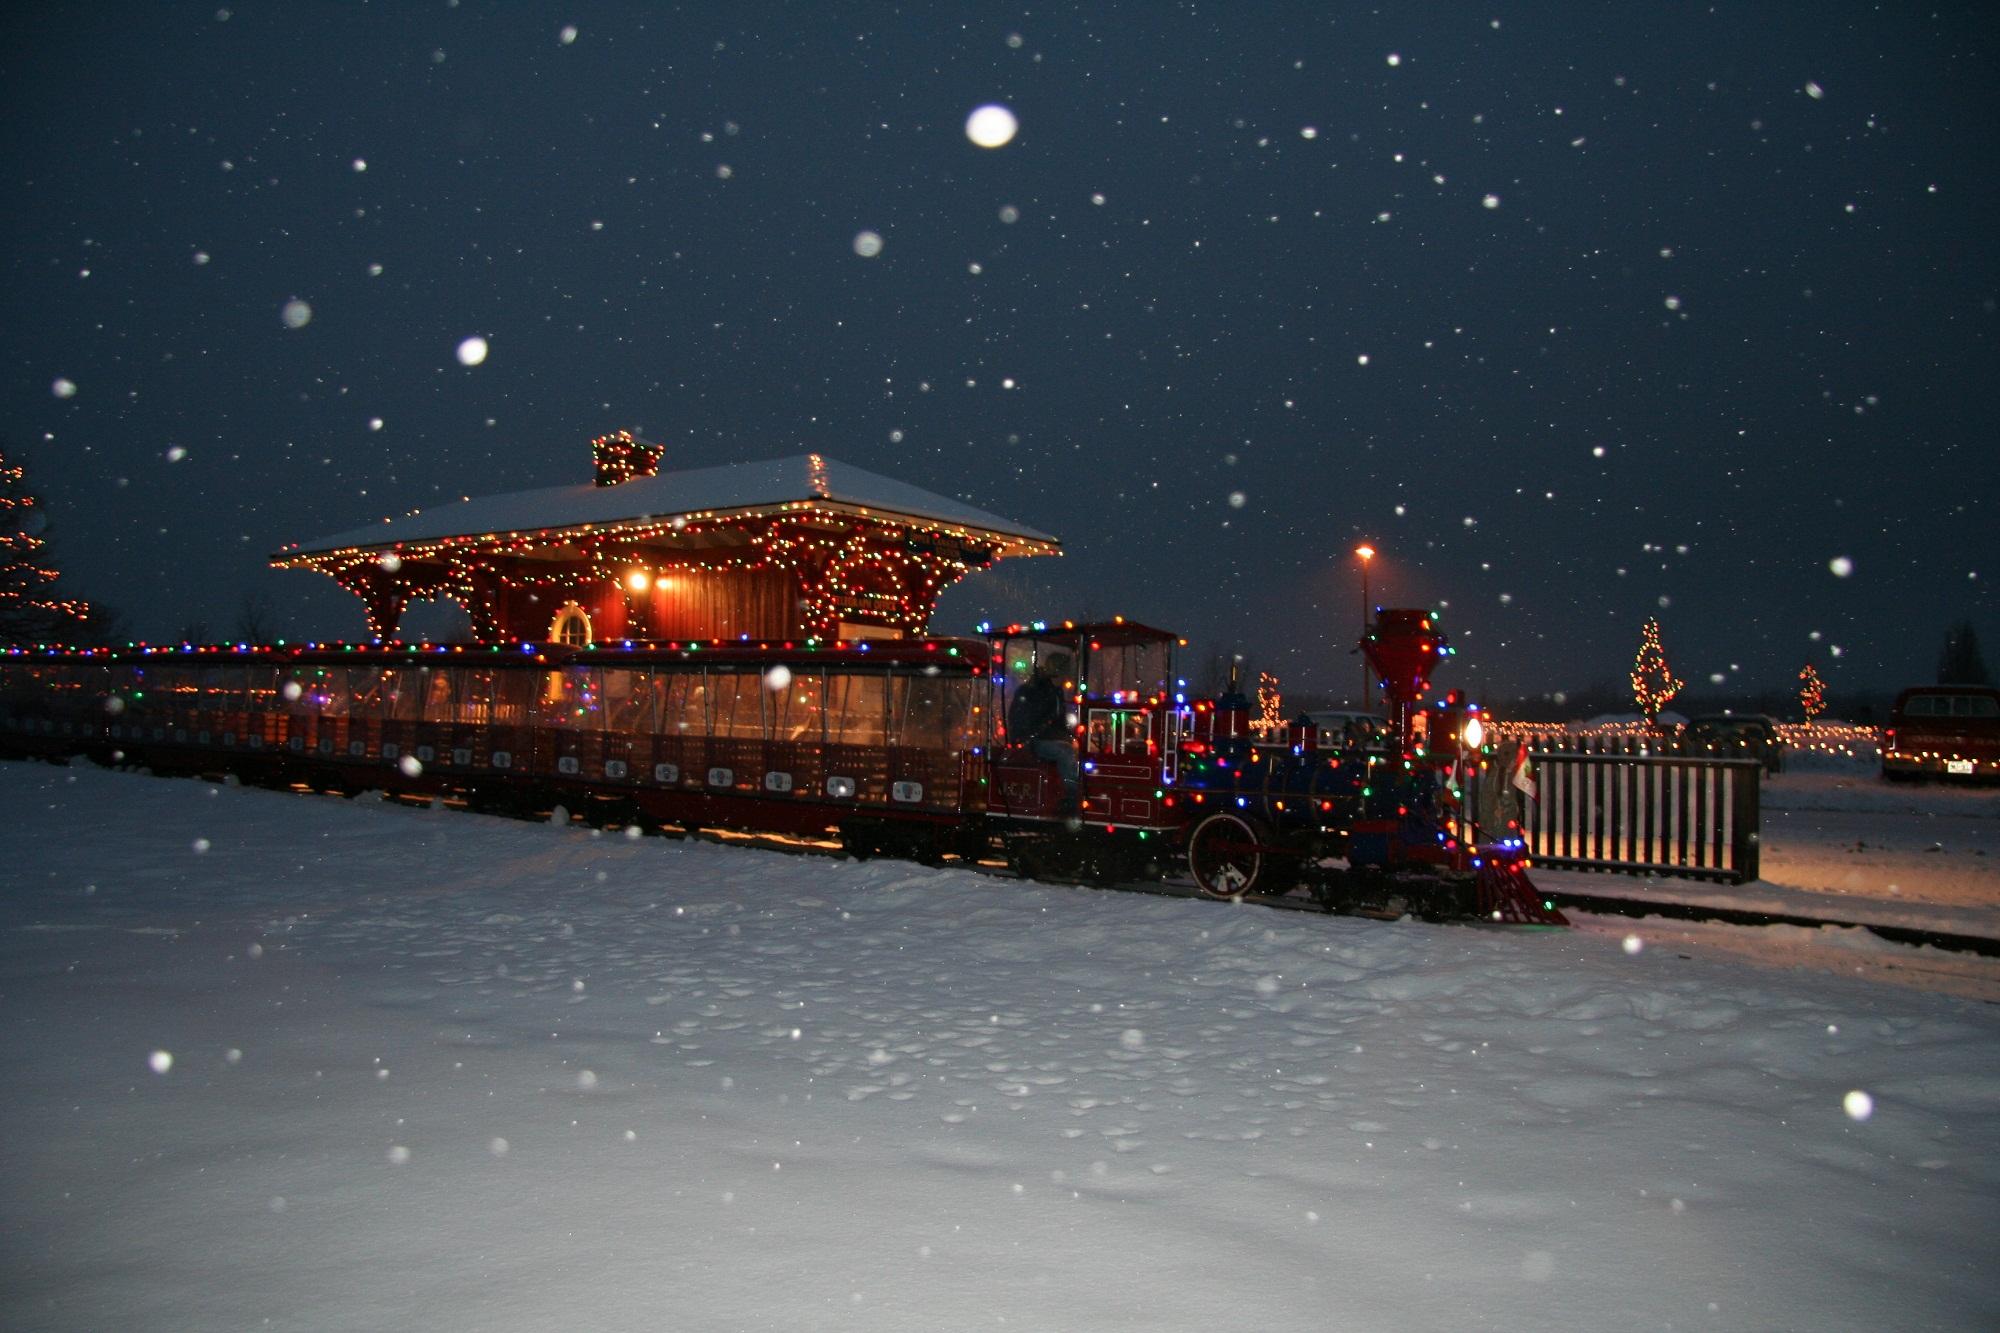 Alight At Night Event Lights Up Upper Canada Village